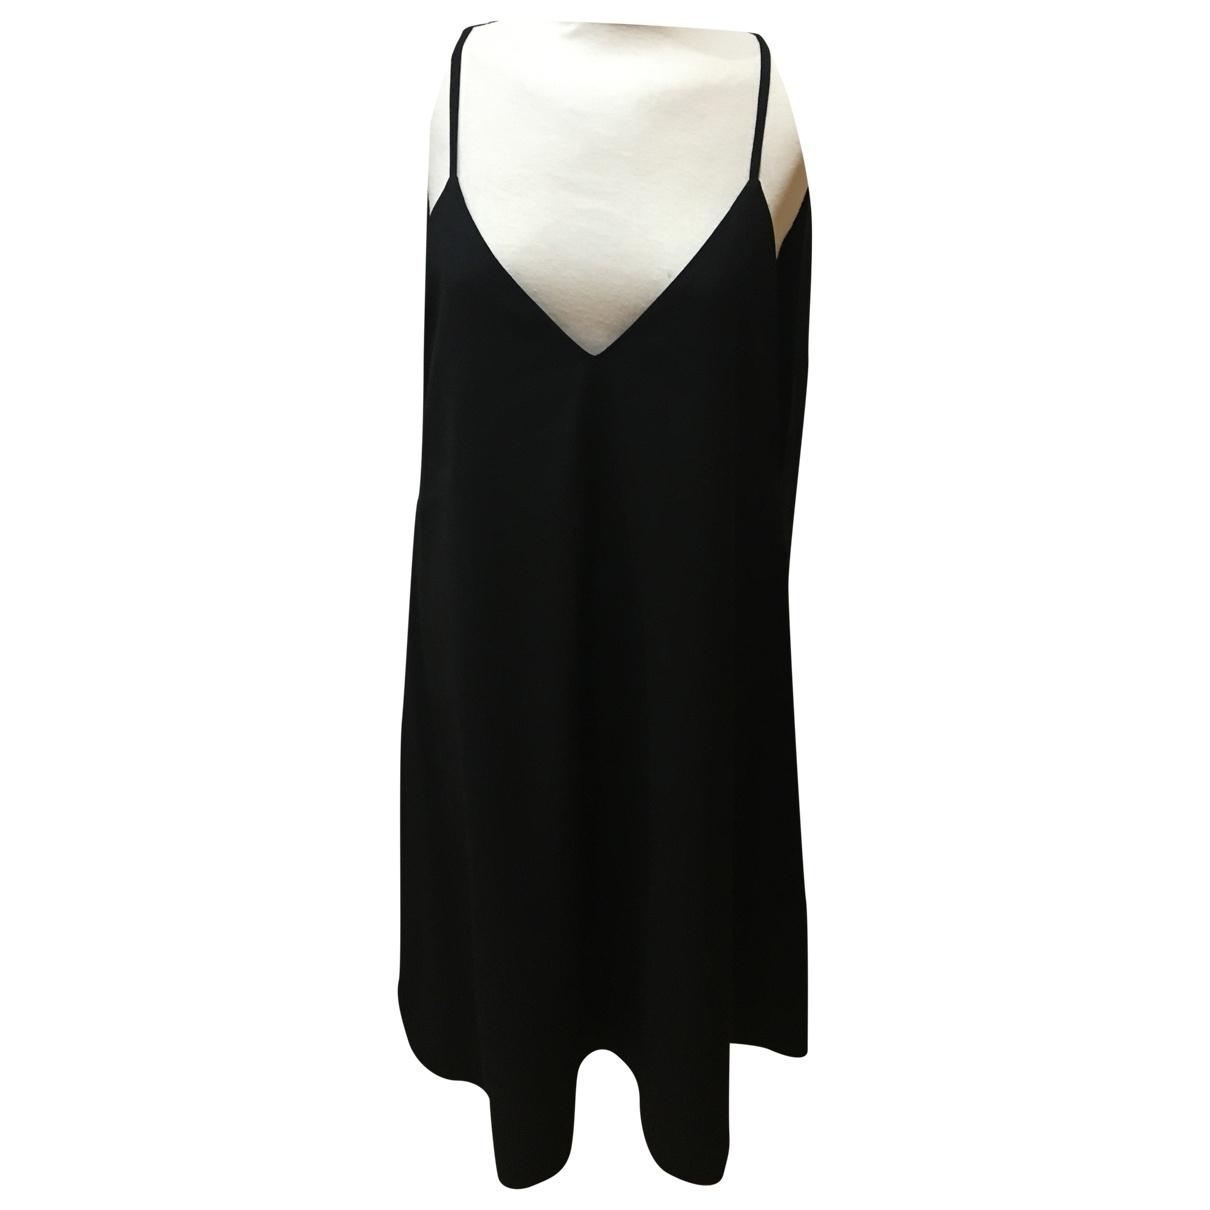 Loewe \N Kleid in  Schwarz Wolle